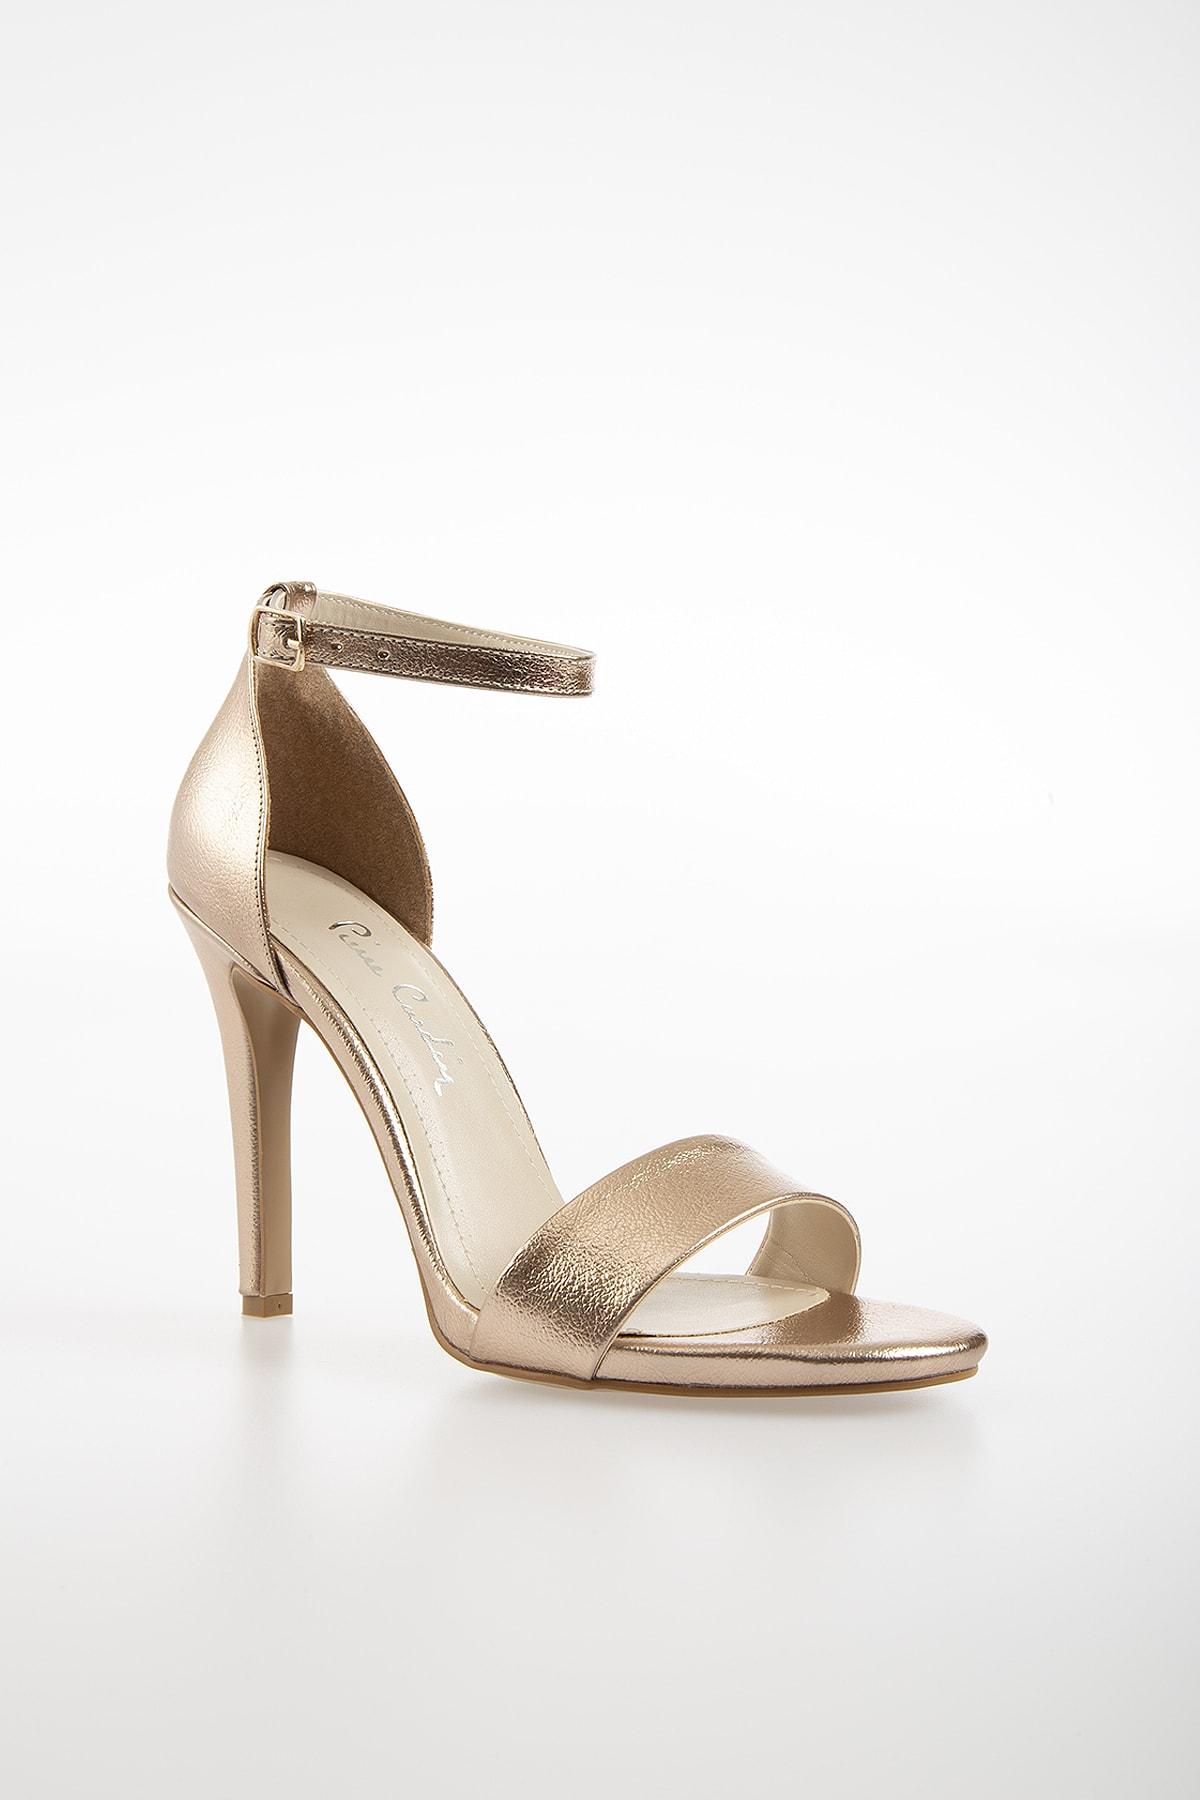 Pierre Cardin Pc-50170 Parlak Rose Kadın Ayakkabı 2